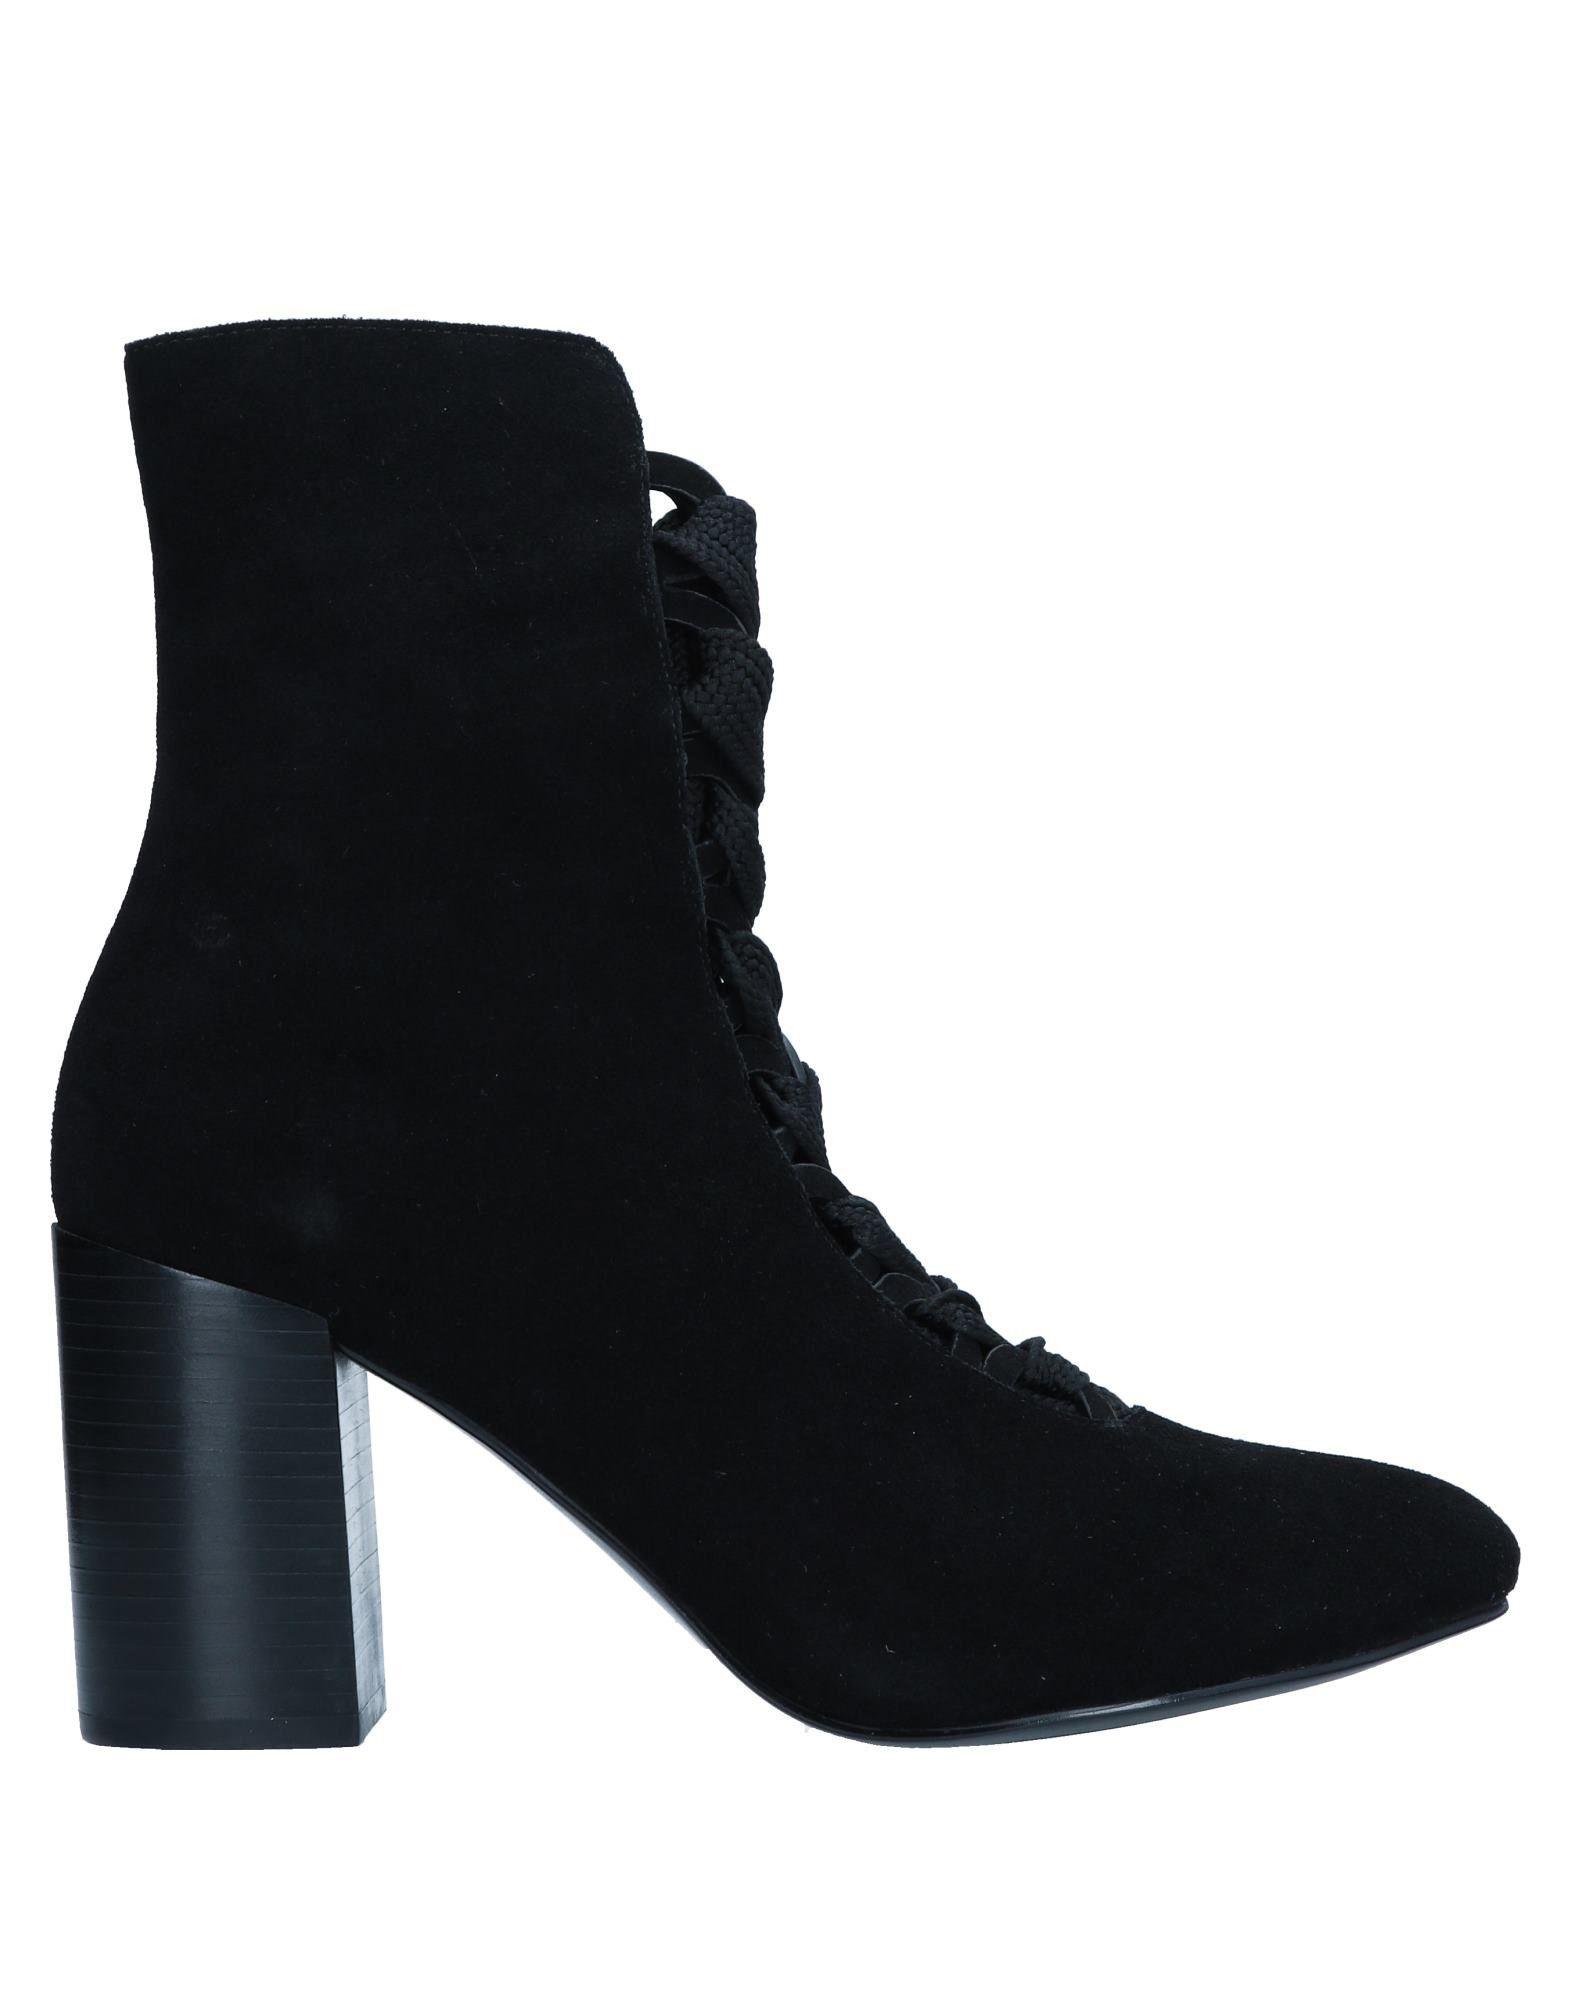 Bibi Lou Stiefelette Qualität Damen 11525428TF Gute Qualität Stiefelette  beliebte Schuhe c4eece 5aee354906